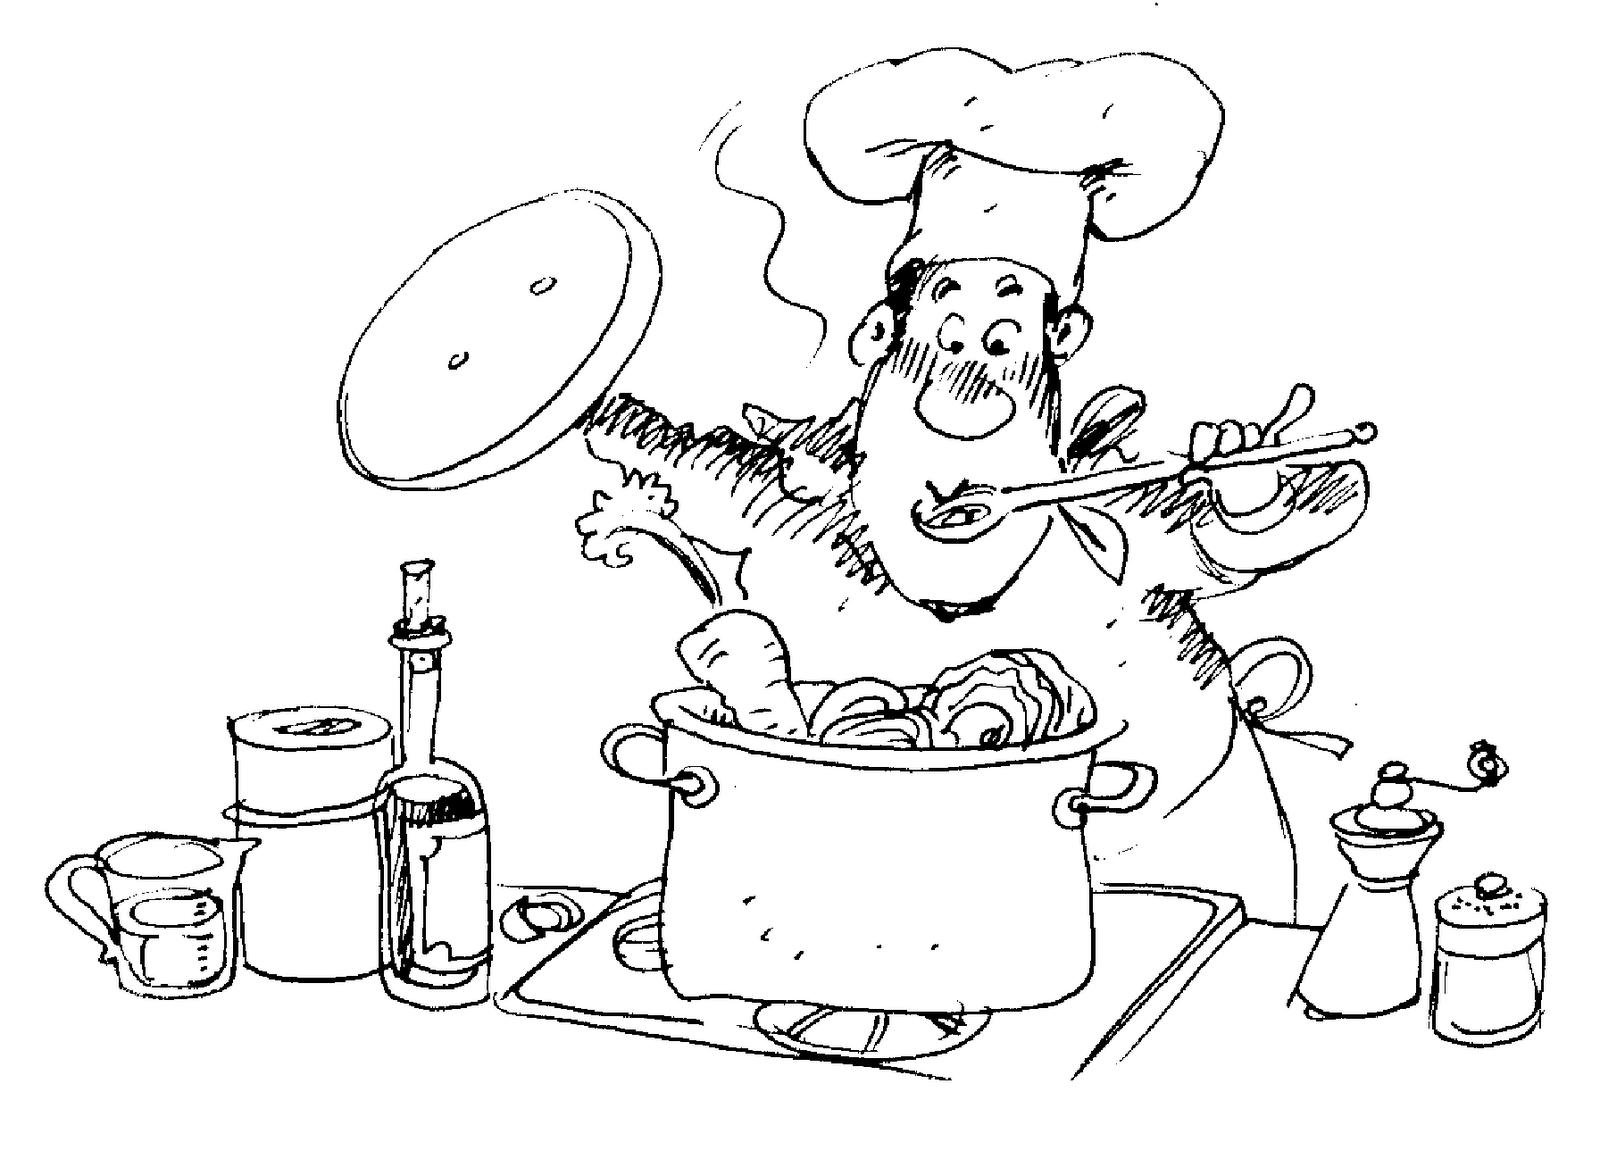 De woonkamer van meneer de burgemeester koks gezocht - Koken afbeelding ...